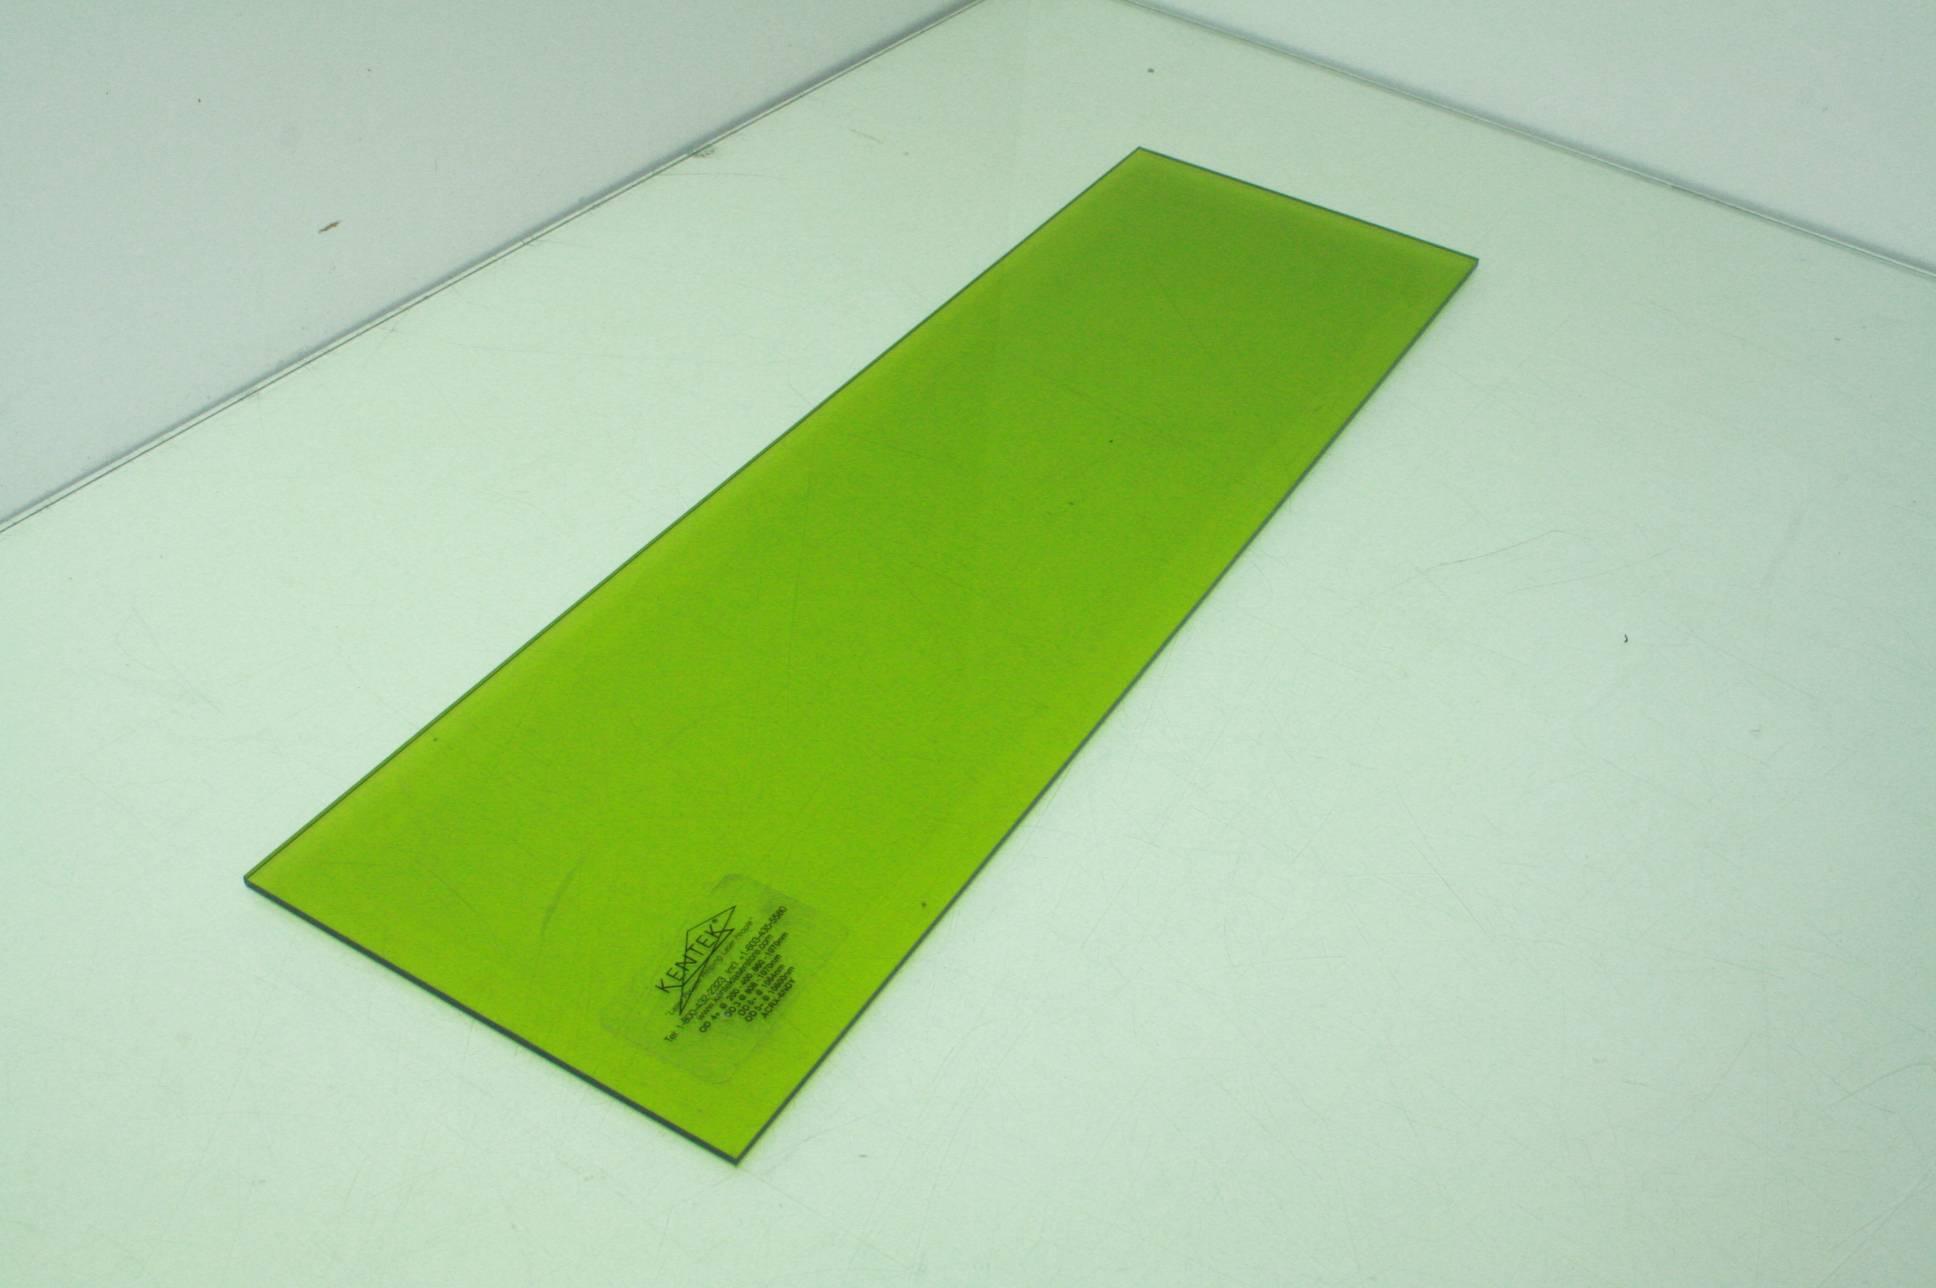 Lot Of Five Kentek Acrx 6ndy Acrylic Laser Safety Glass